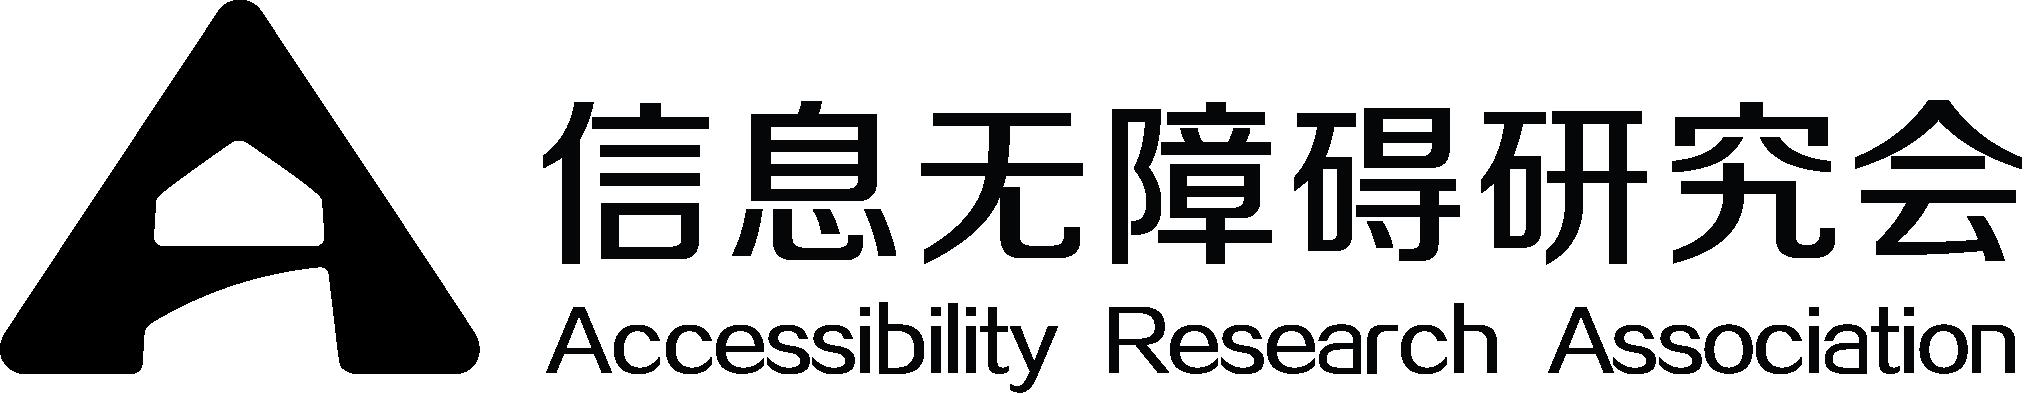 信息无障碍研究会logo